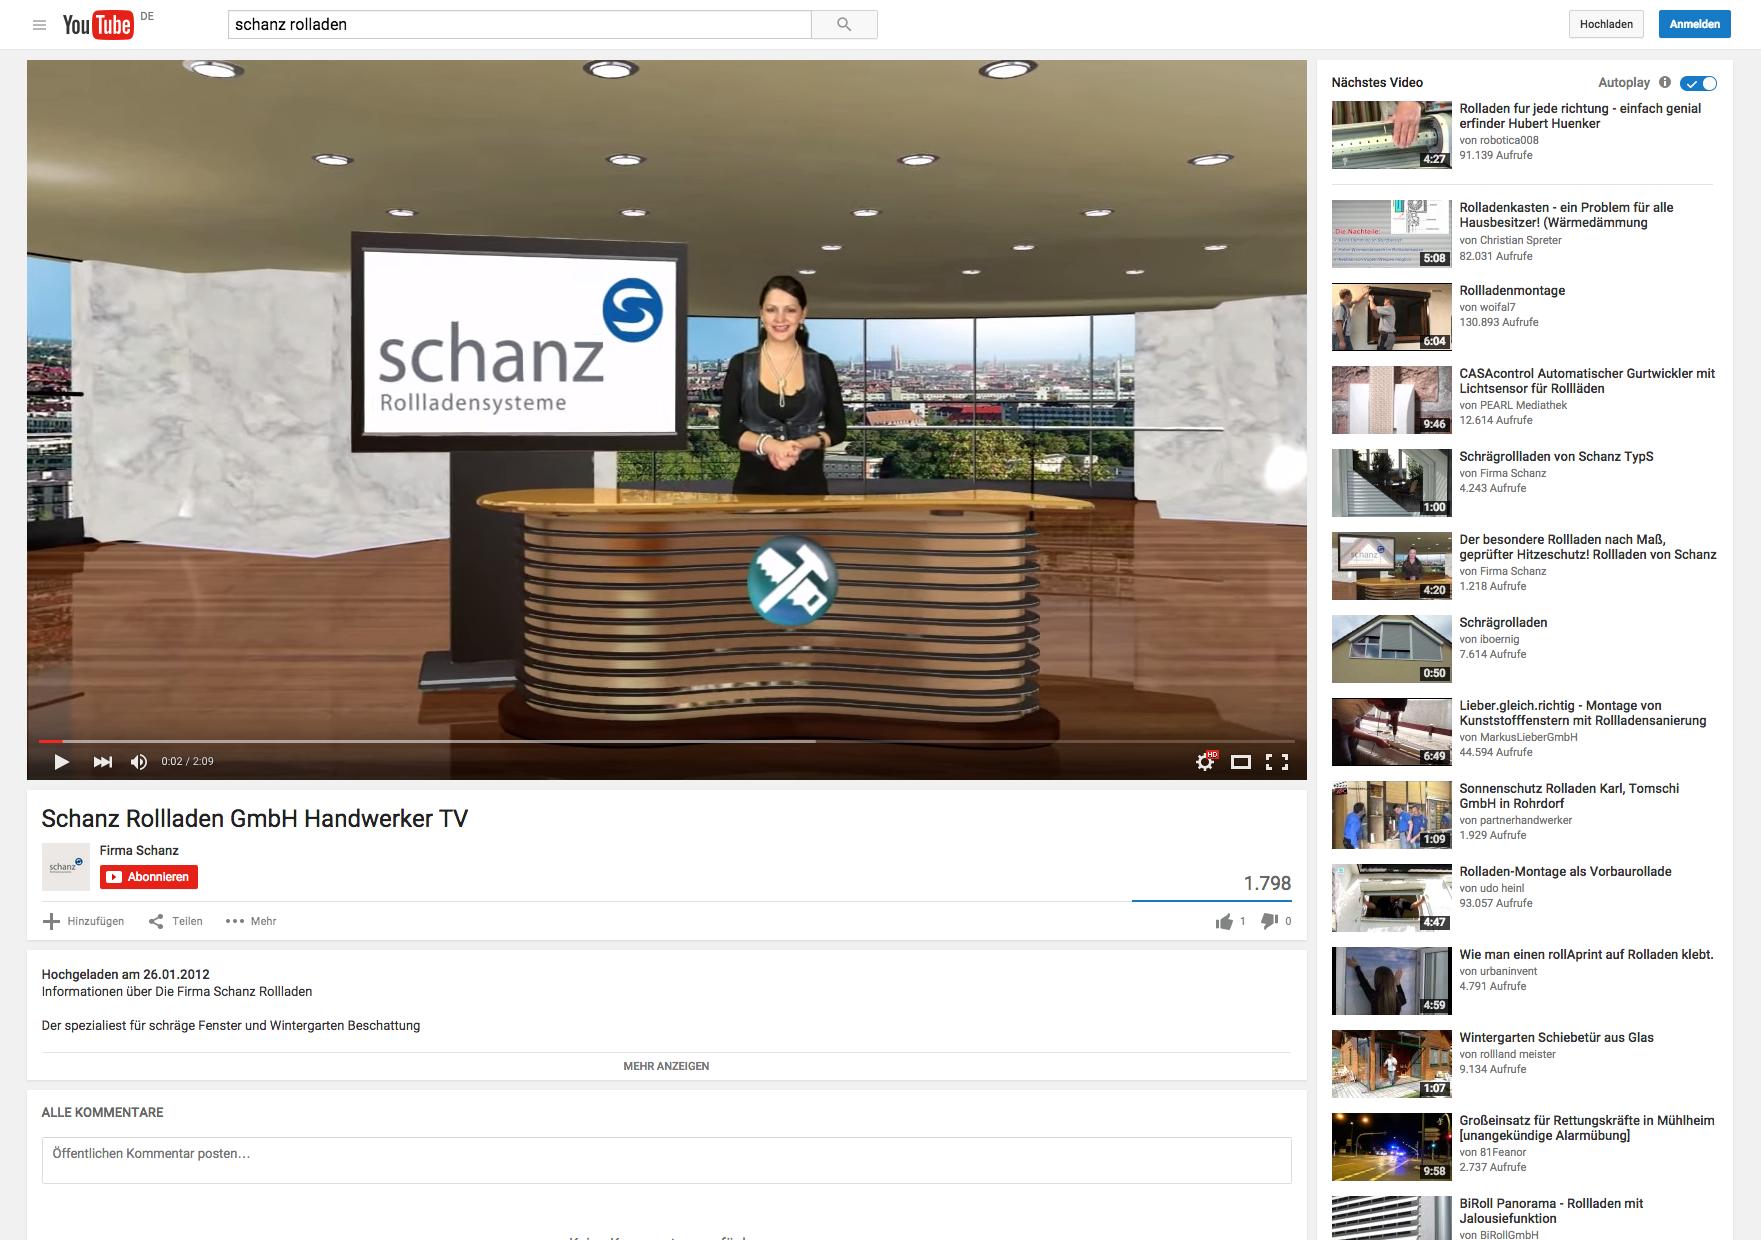 Youtube Kanalbetreuung und Video Produktion